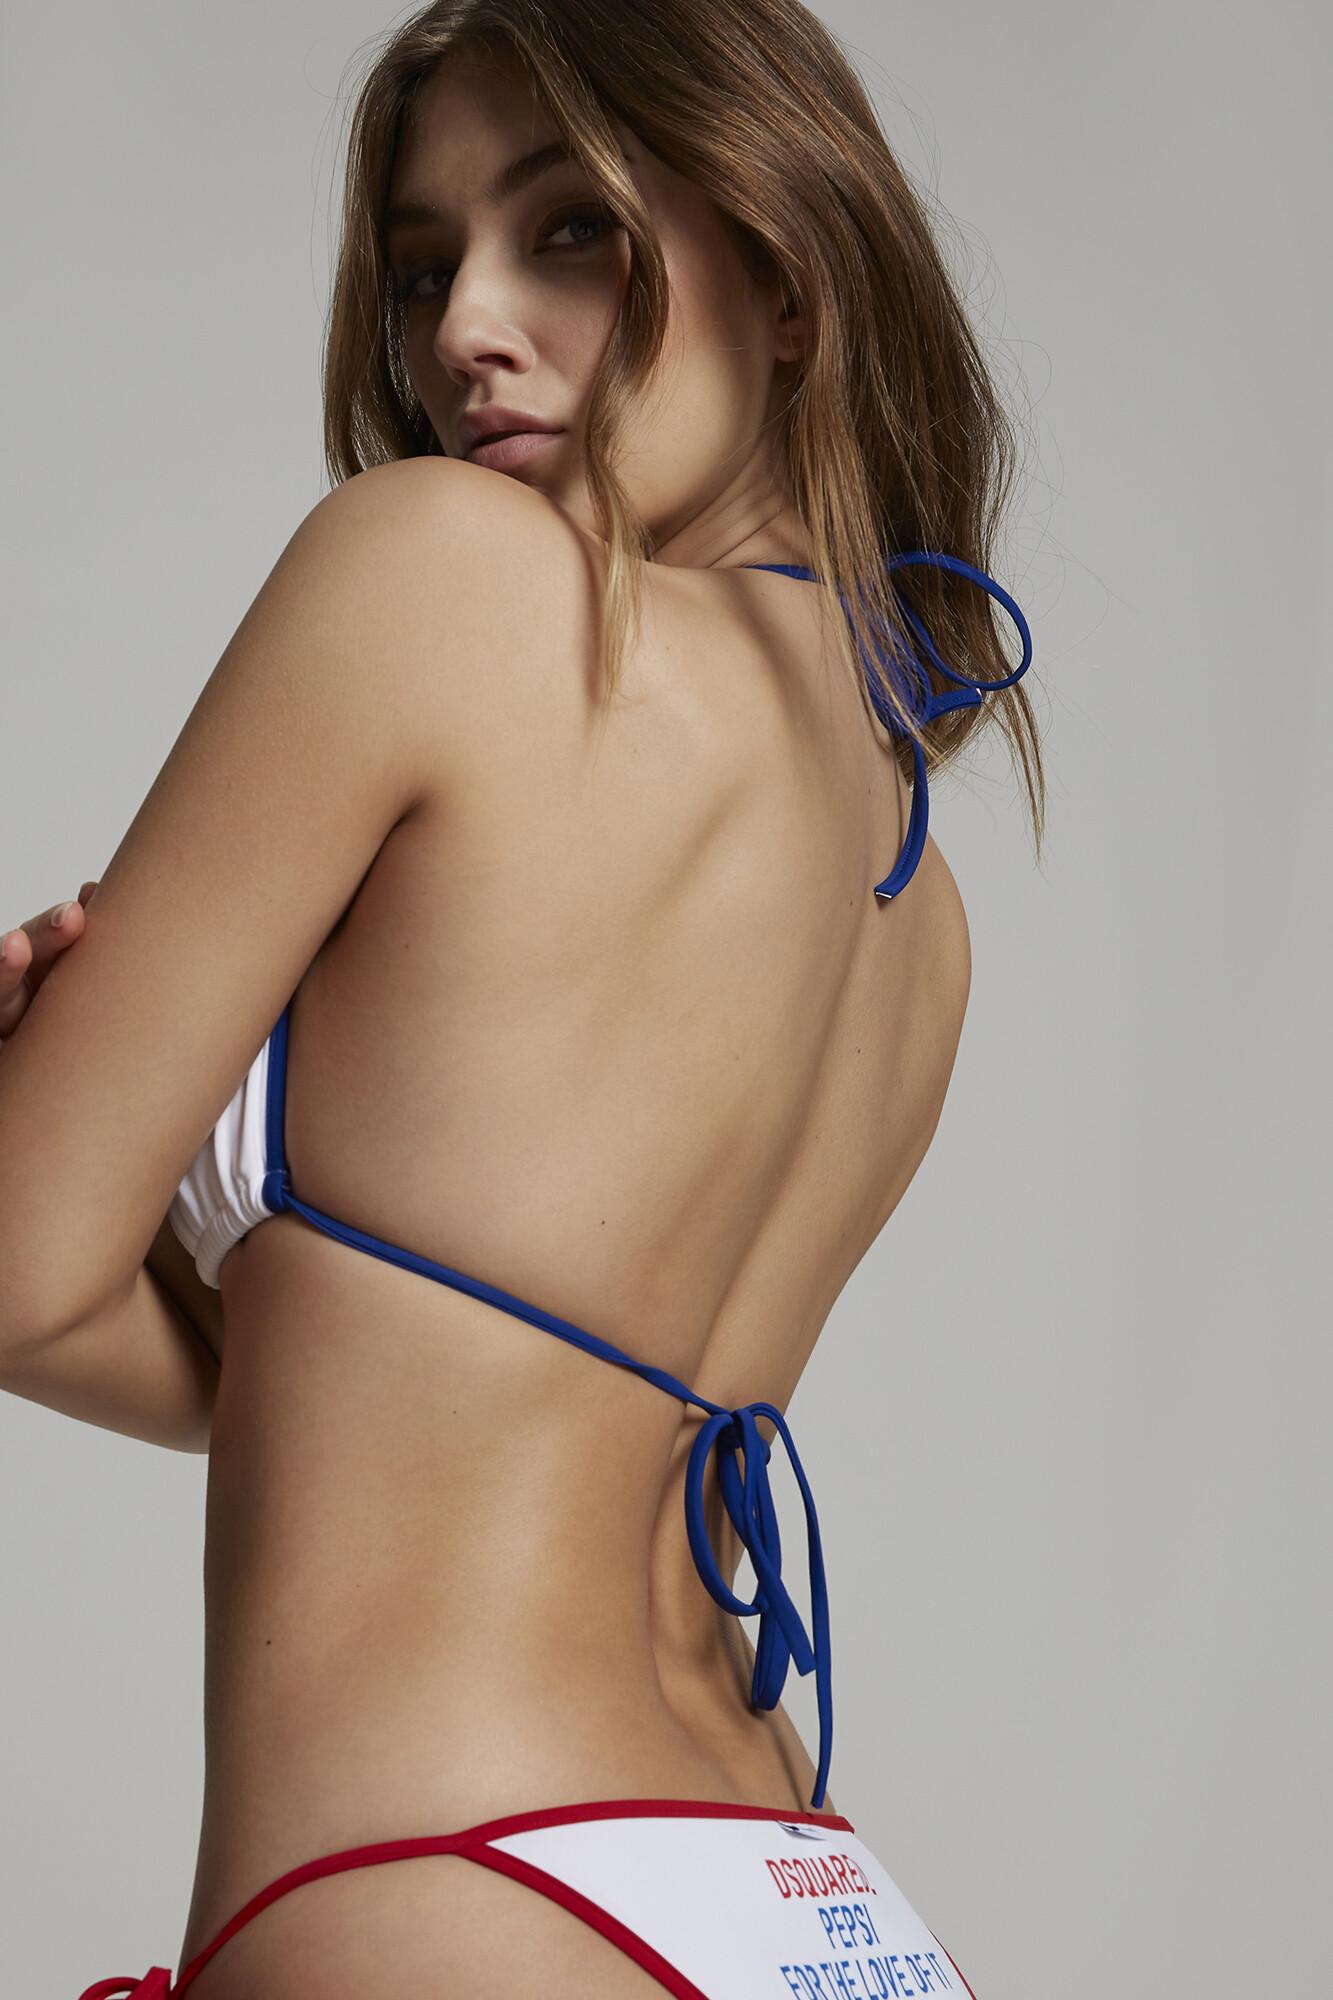 Dsquared² & Pepsi: Lorena Rae